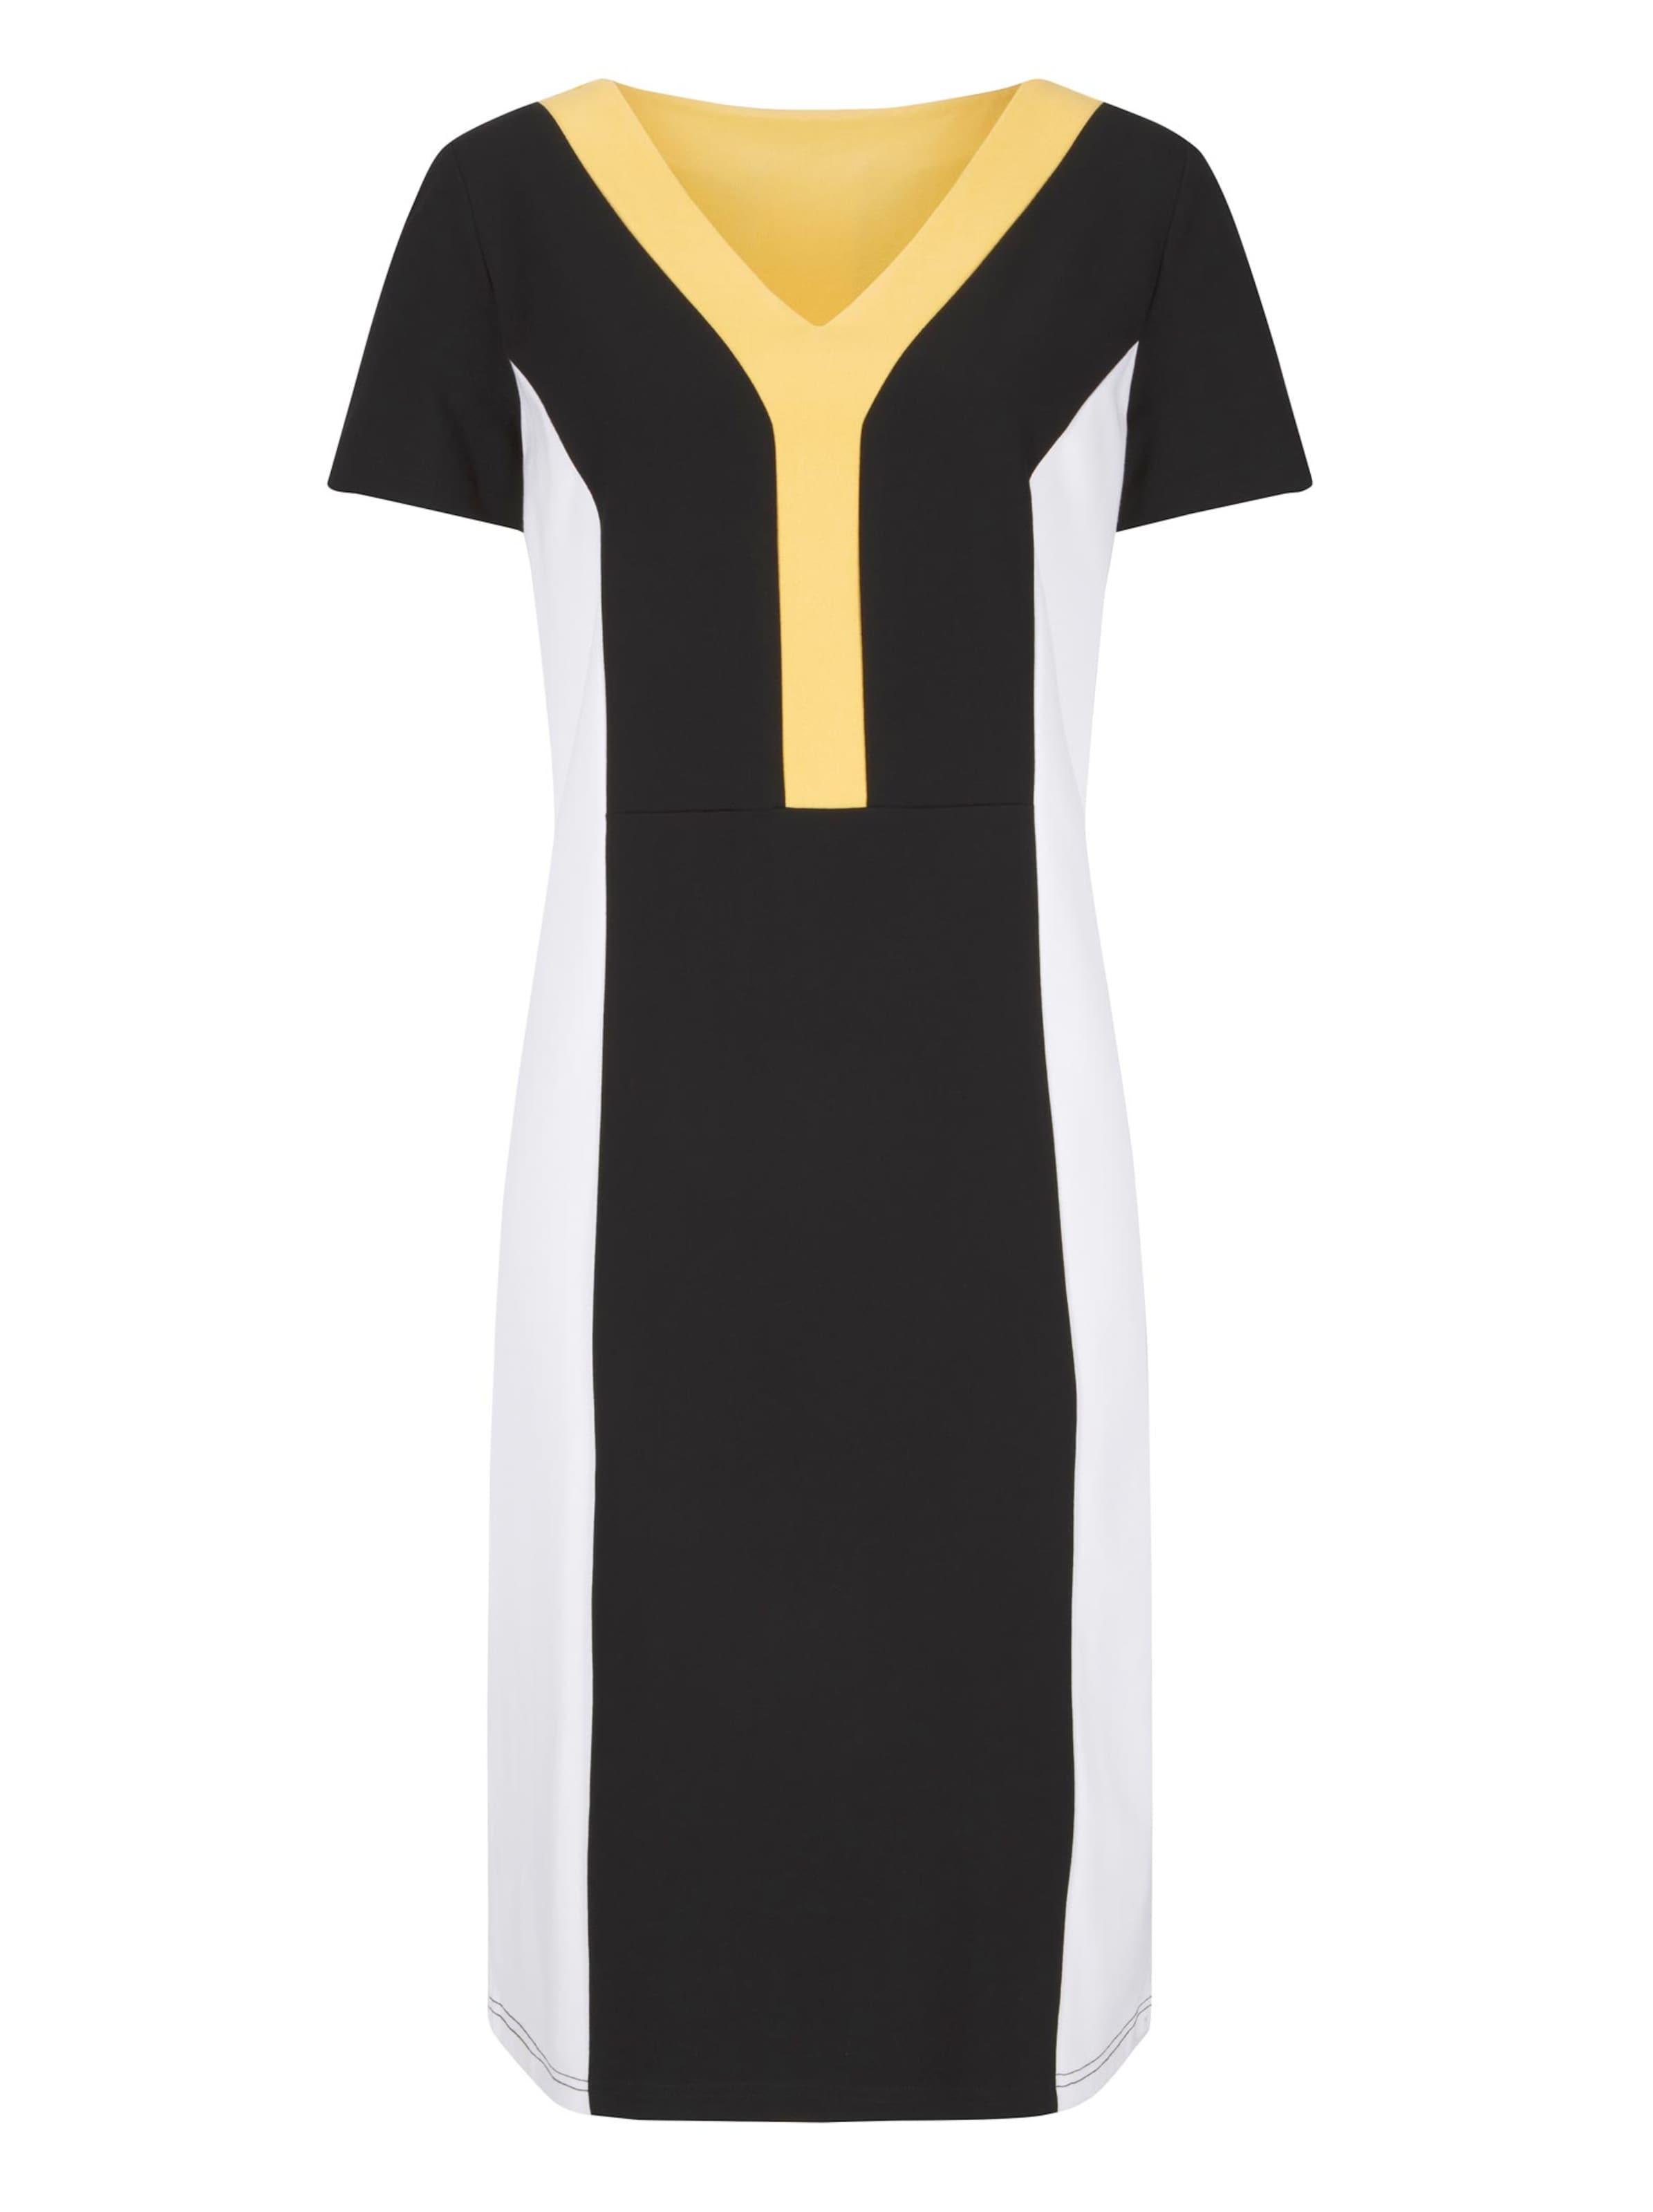 witt weiden -  Damen Jersey-Kleid schwarz-gelb